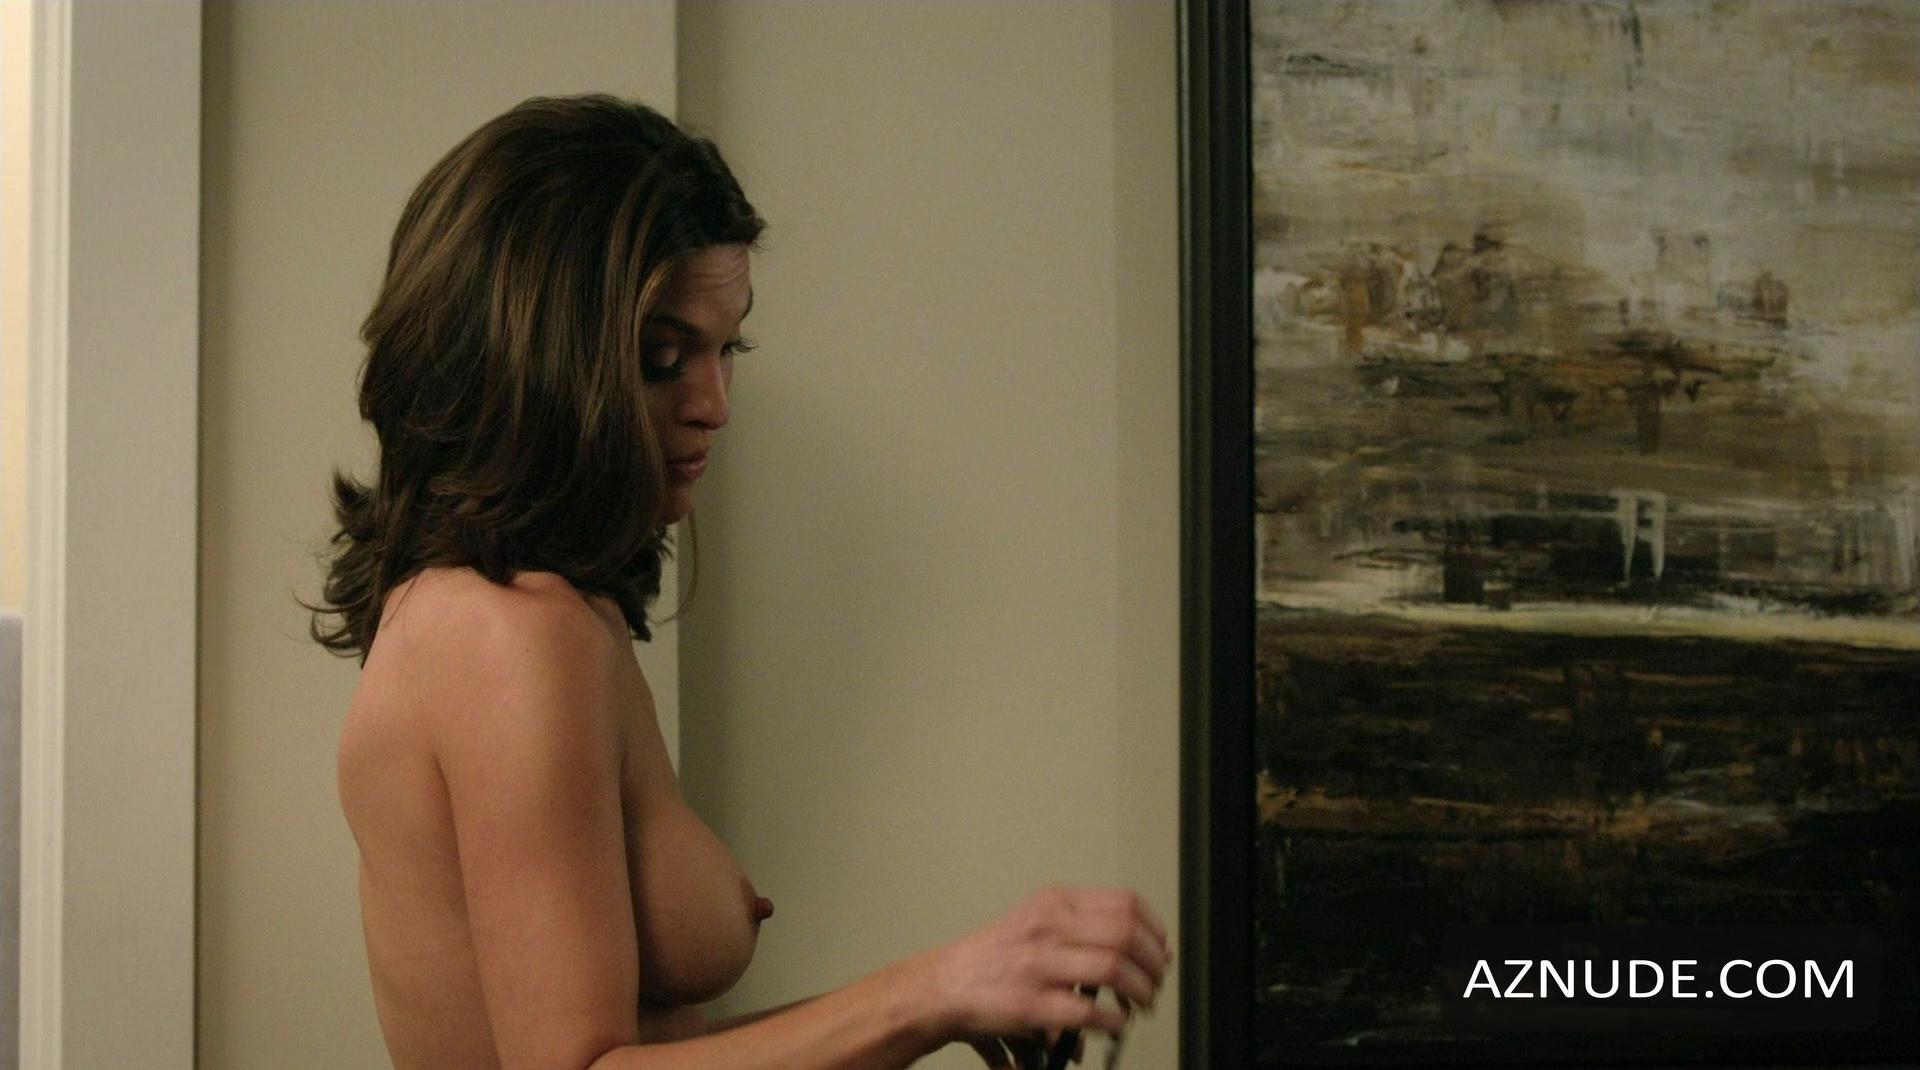 alana de la garza nude movie